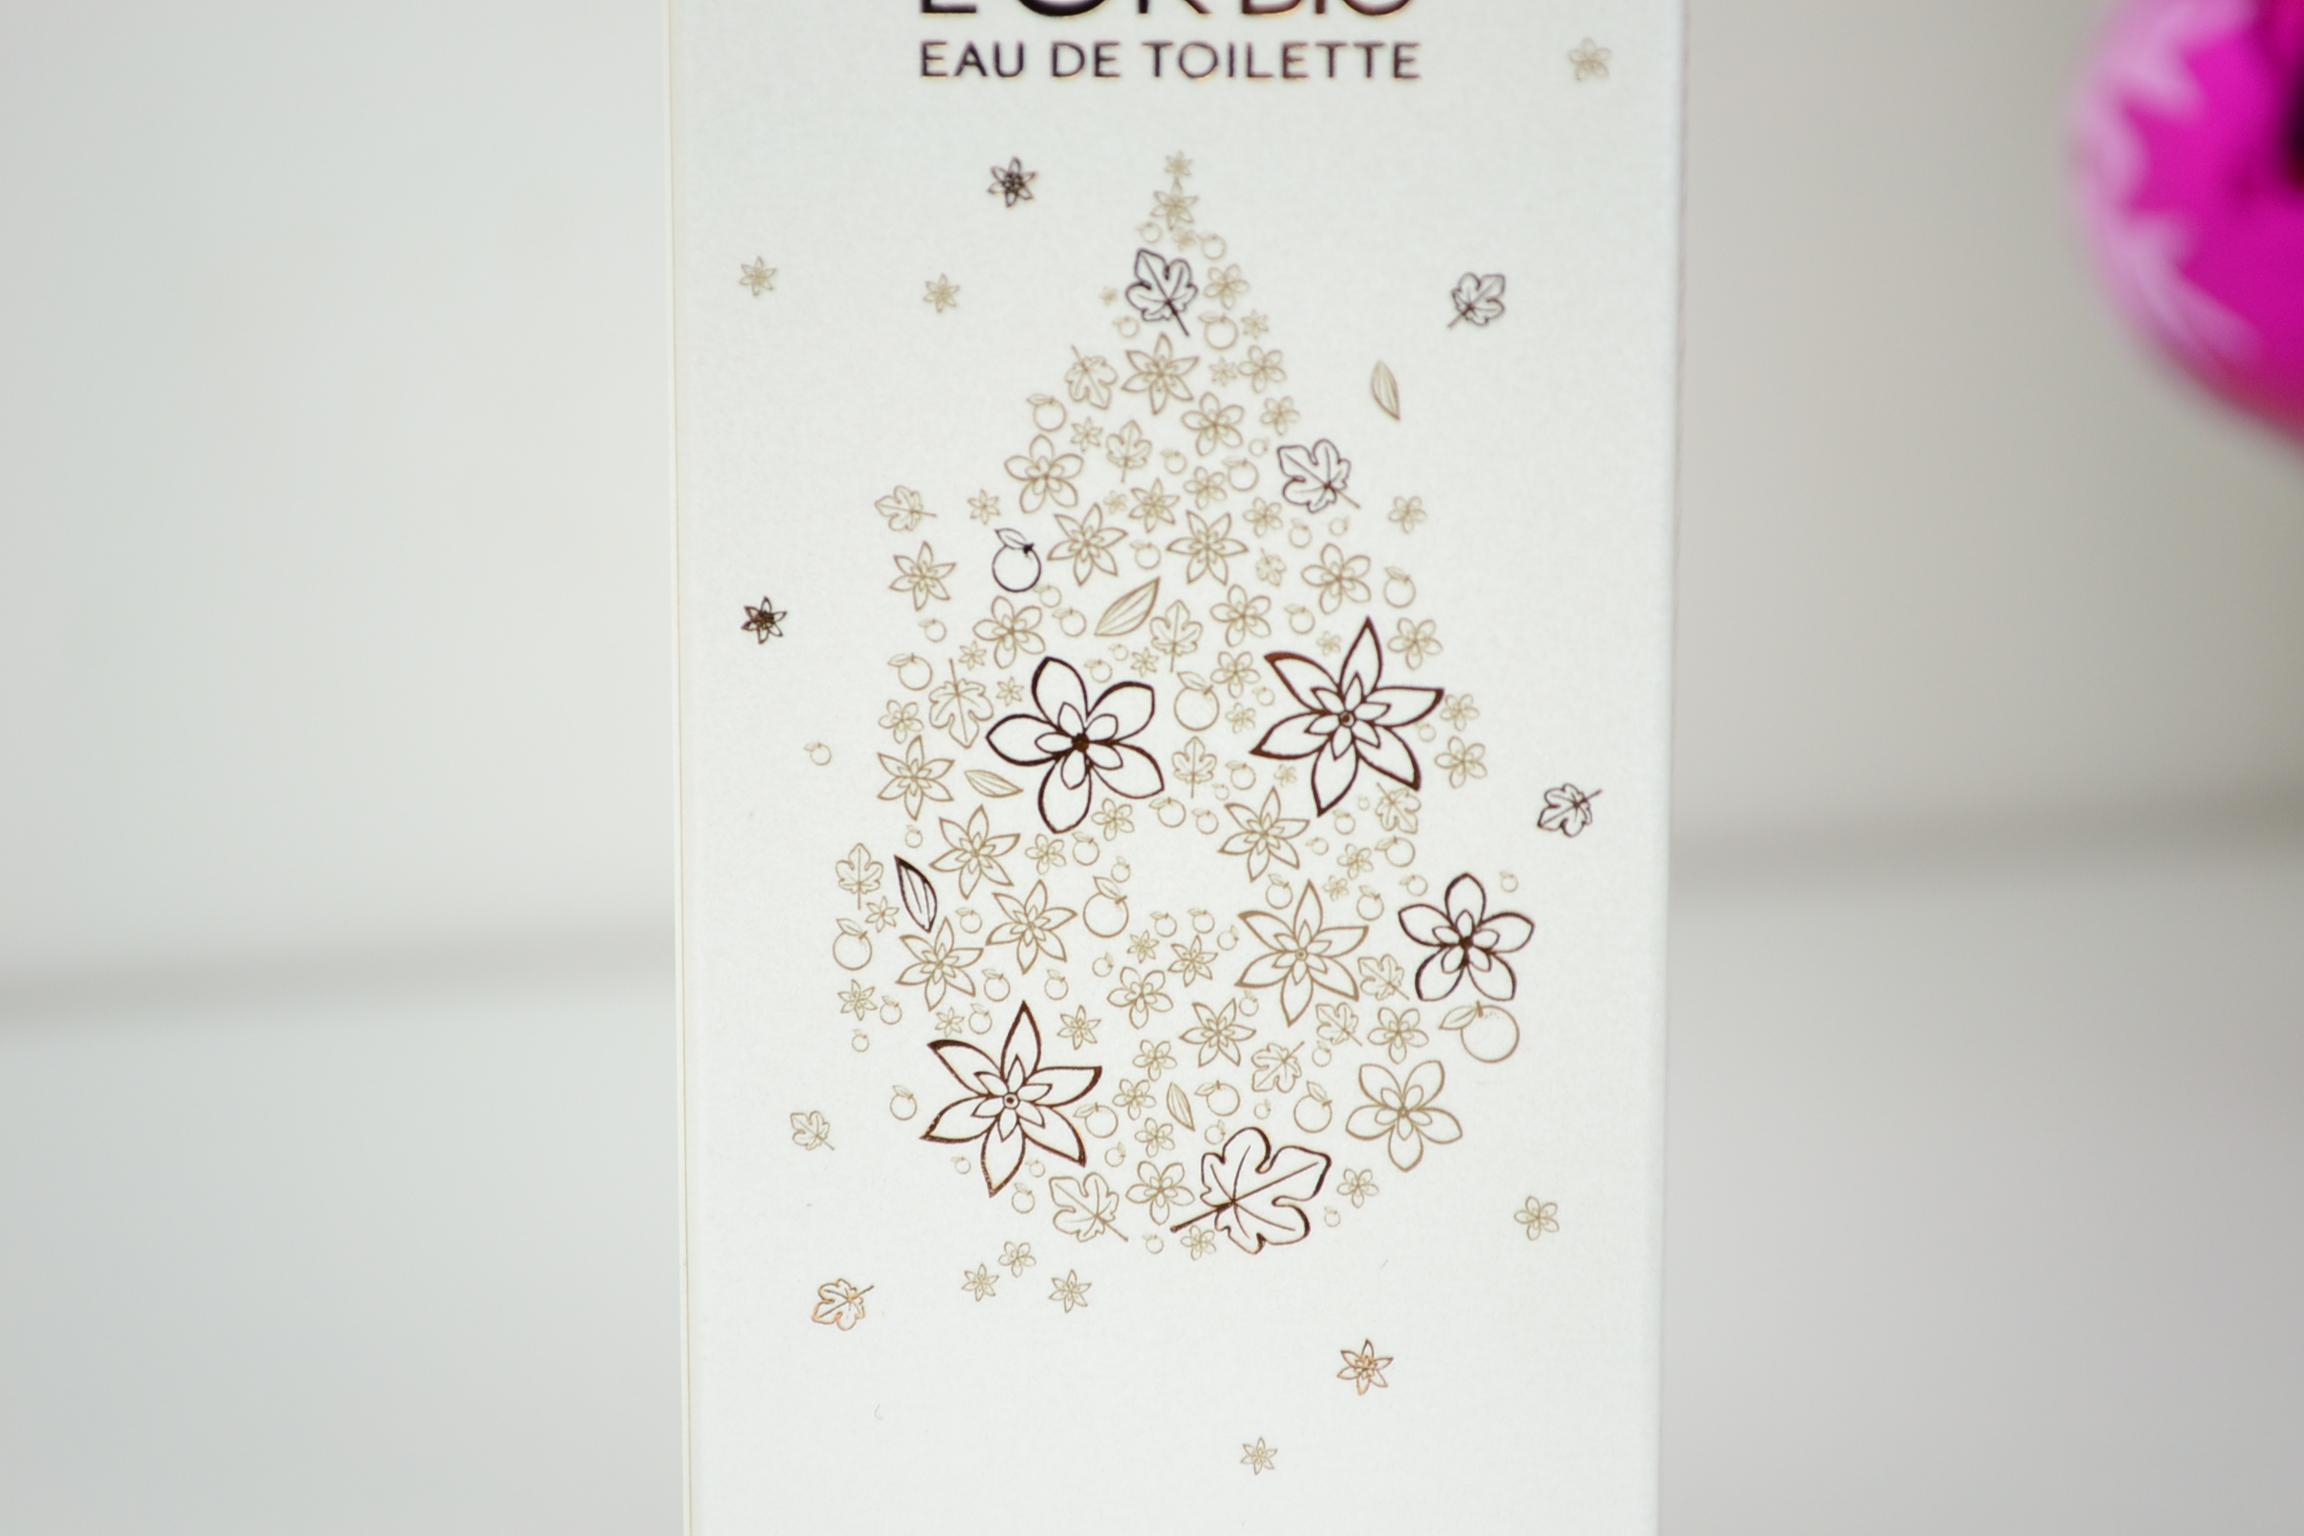 Melvita L'Or Bio Eau De Toilette